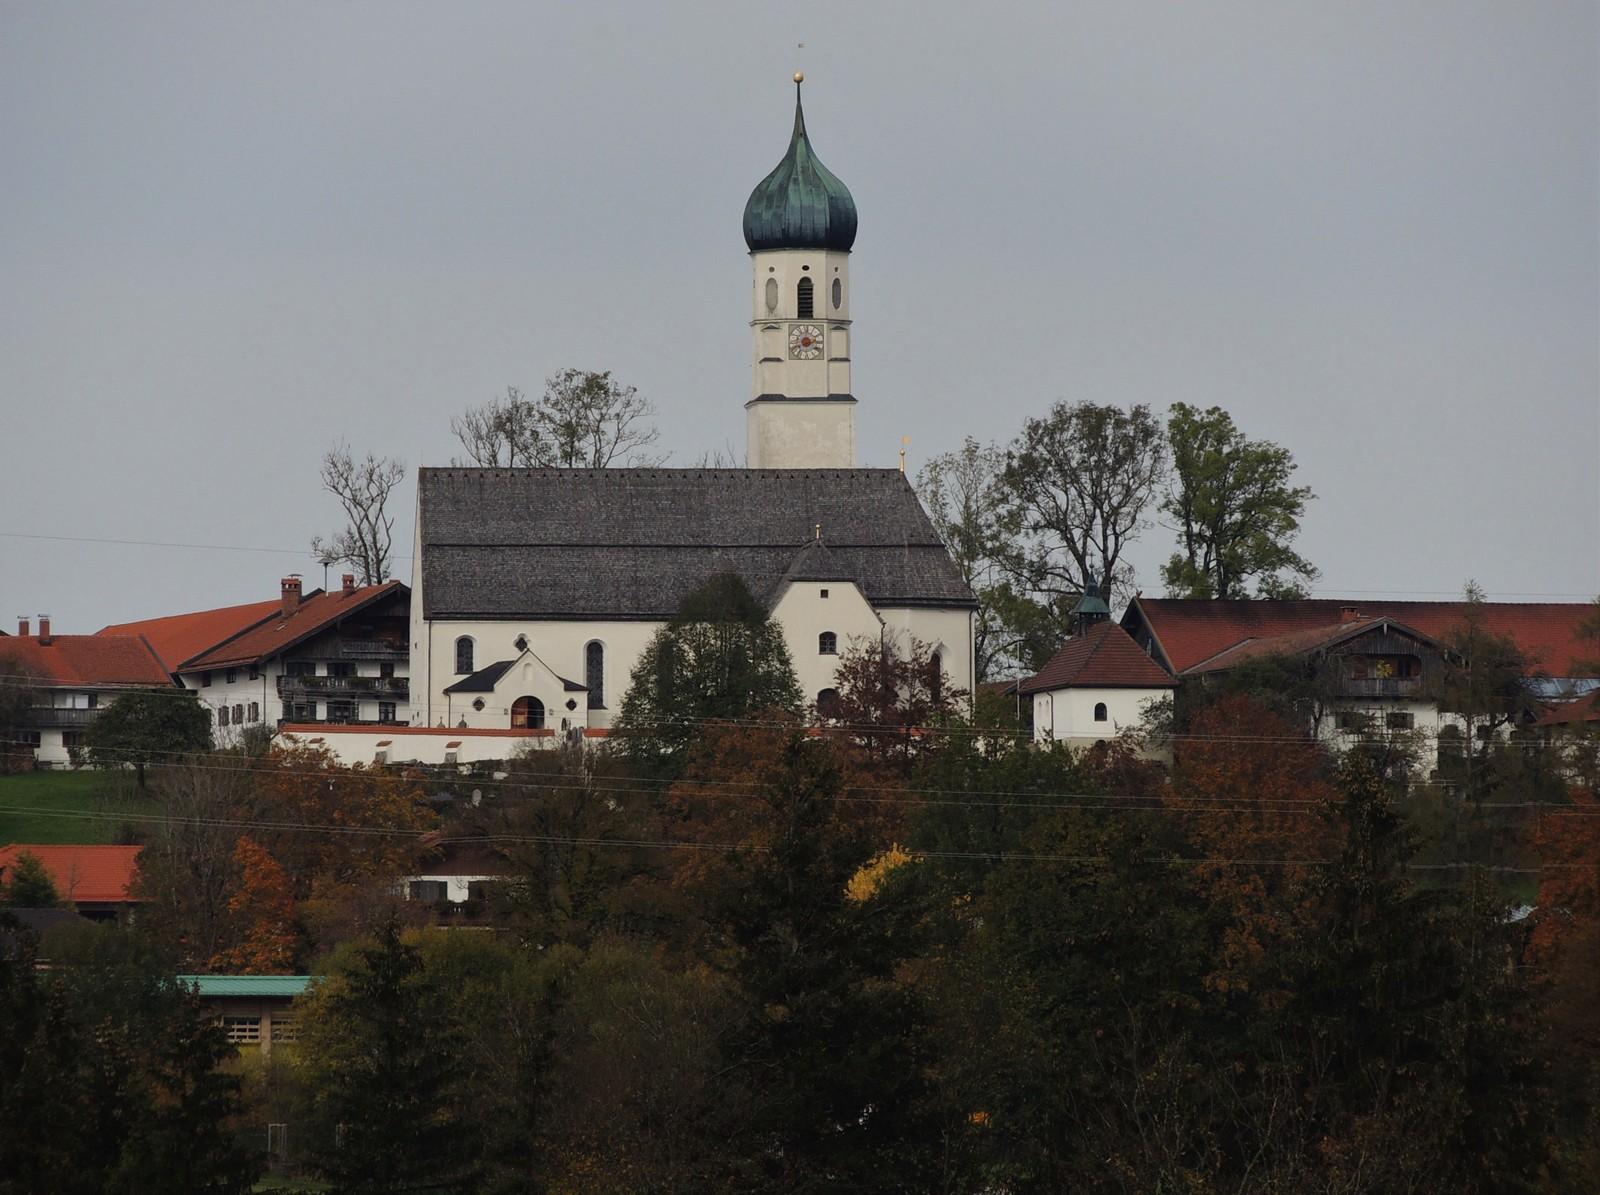 St. Michael in Gaißach - Tölzer Land